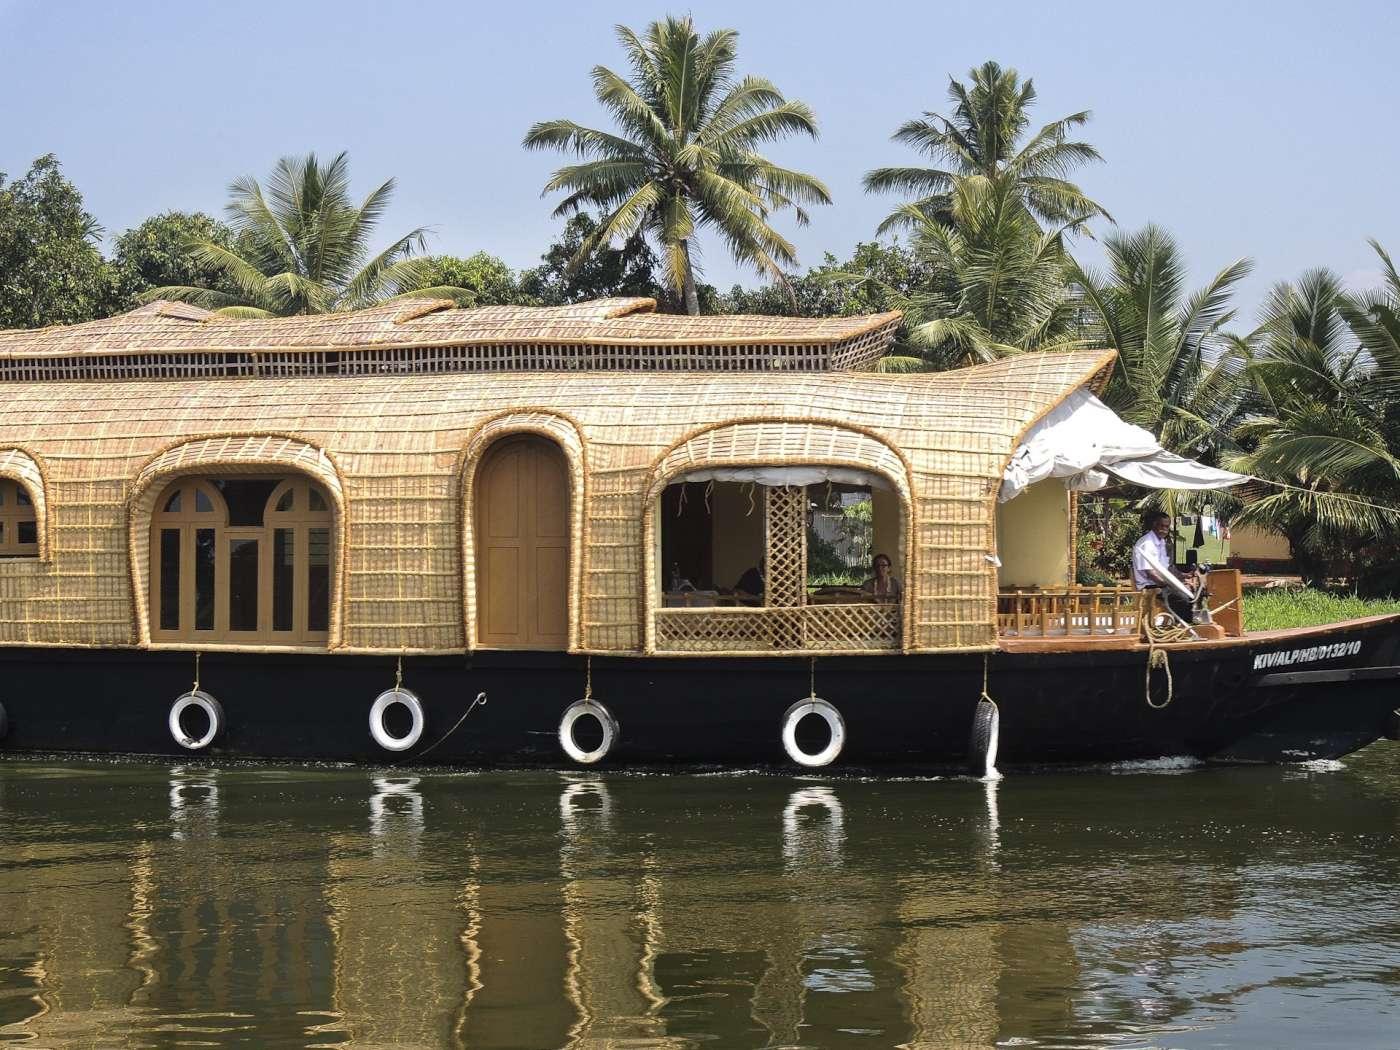 sites de rencontre dans Kerala Inde latino amant datant